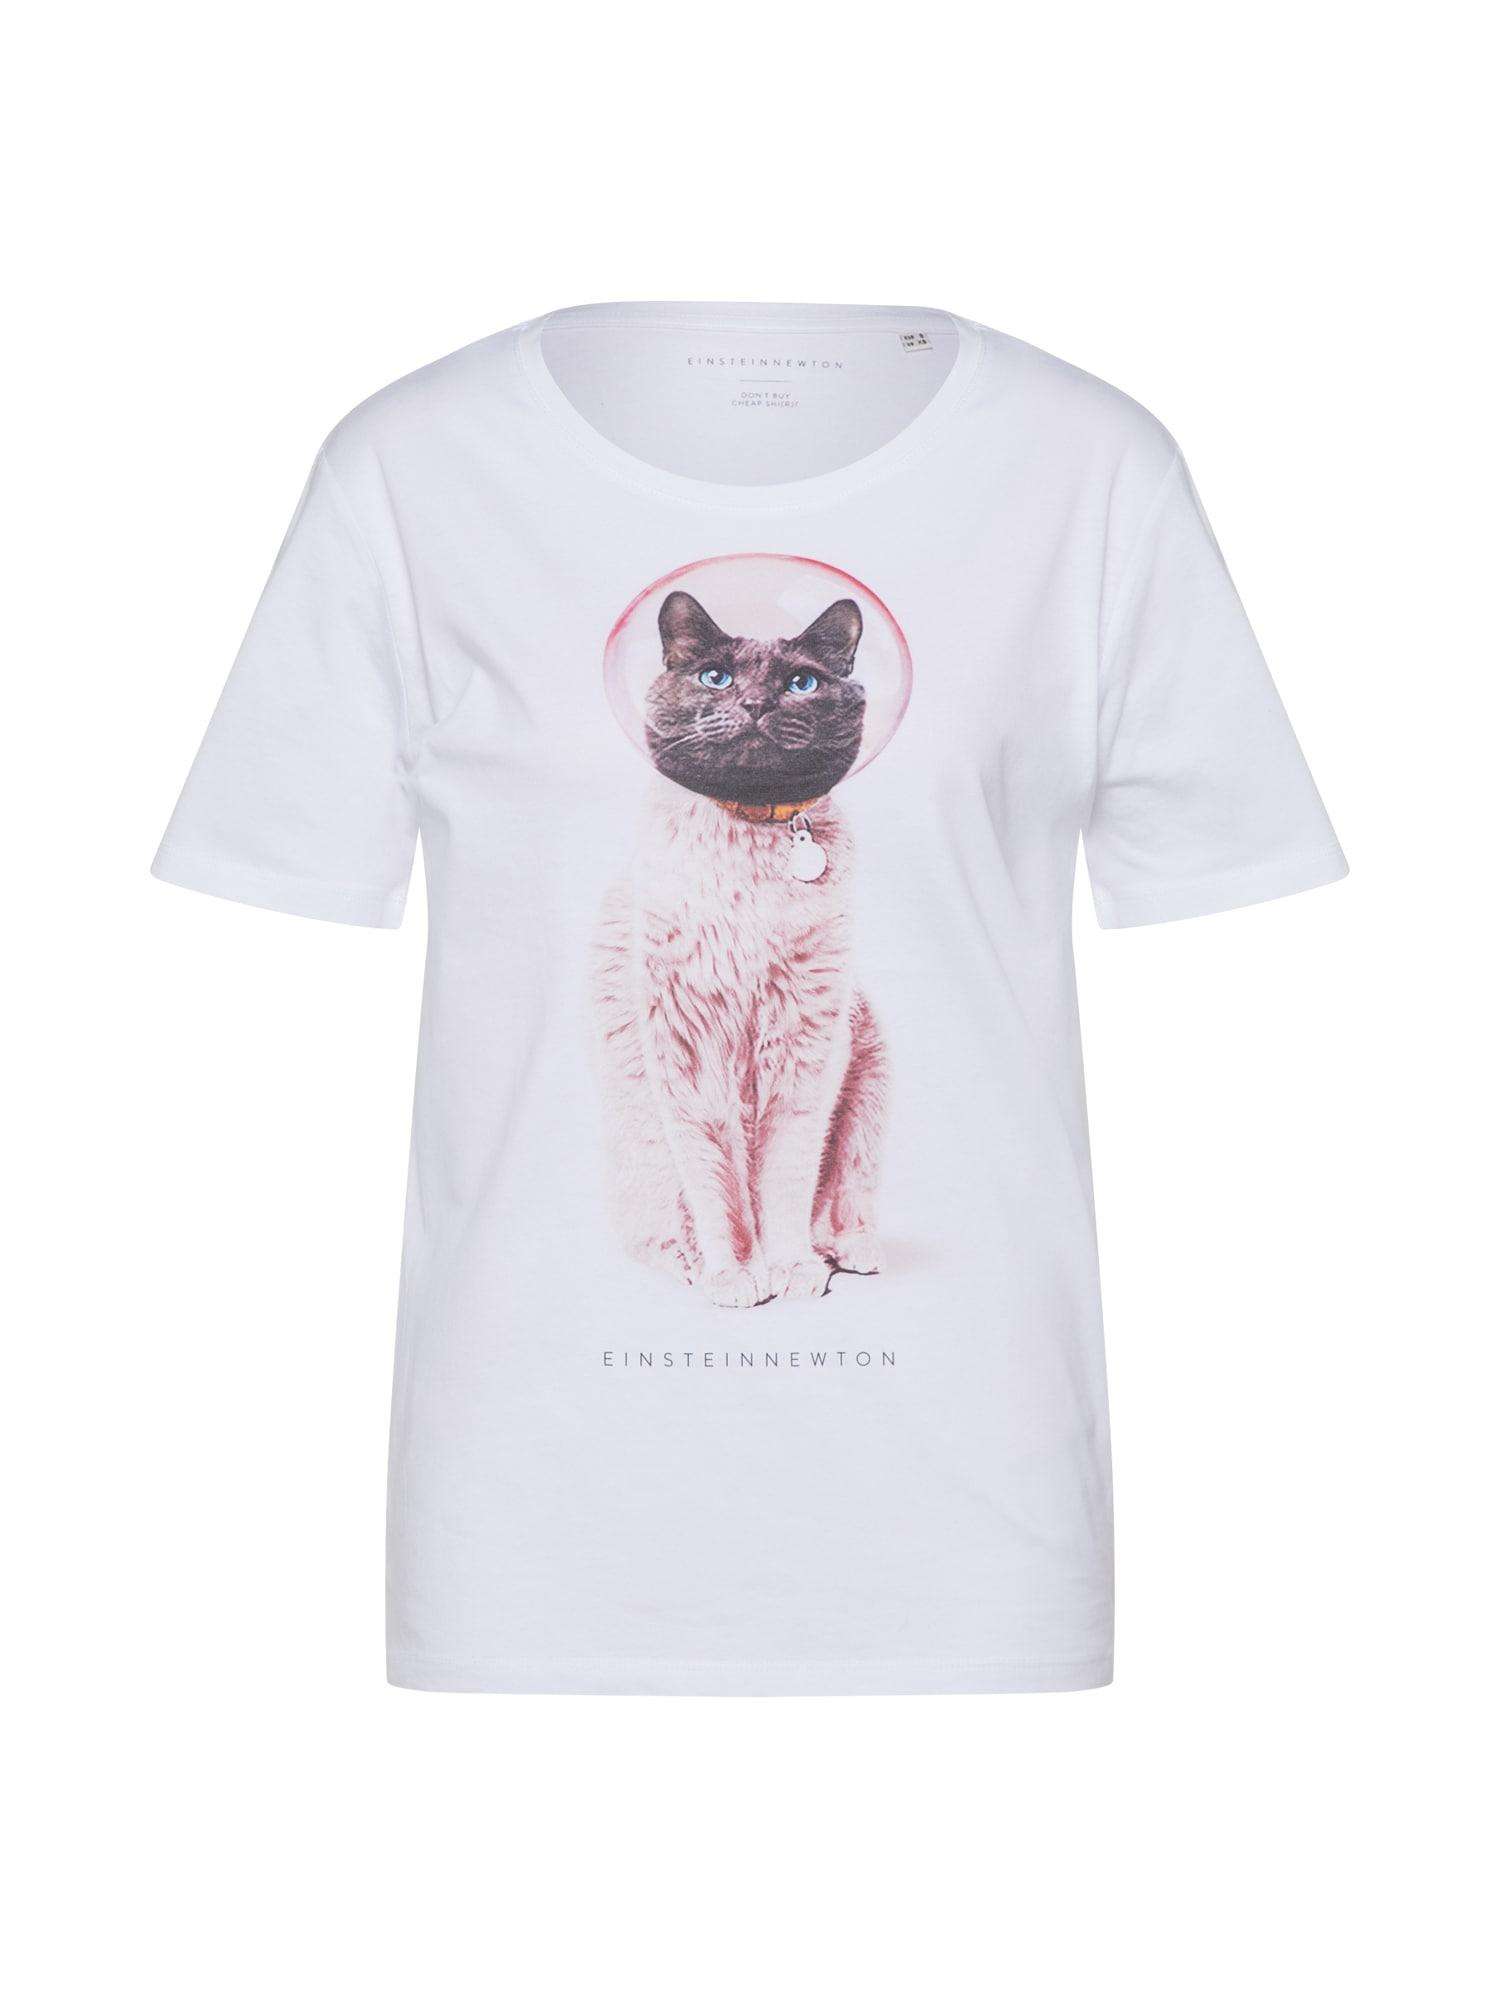 Tričko Astro Cat šedá starorůžová bílá EINSTEIN & NEWTON